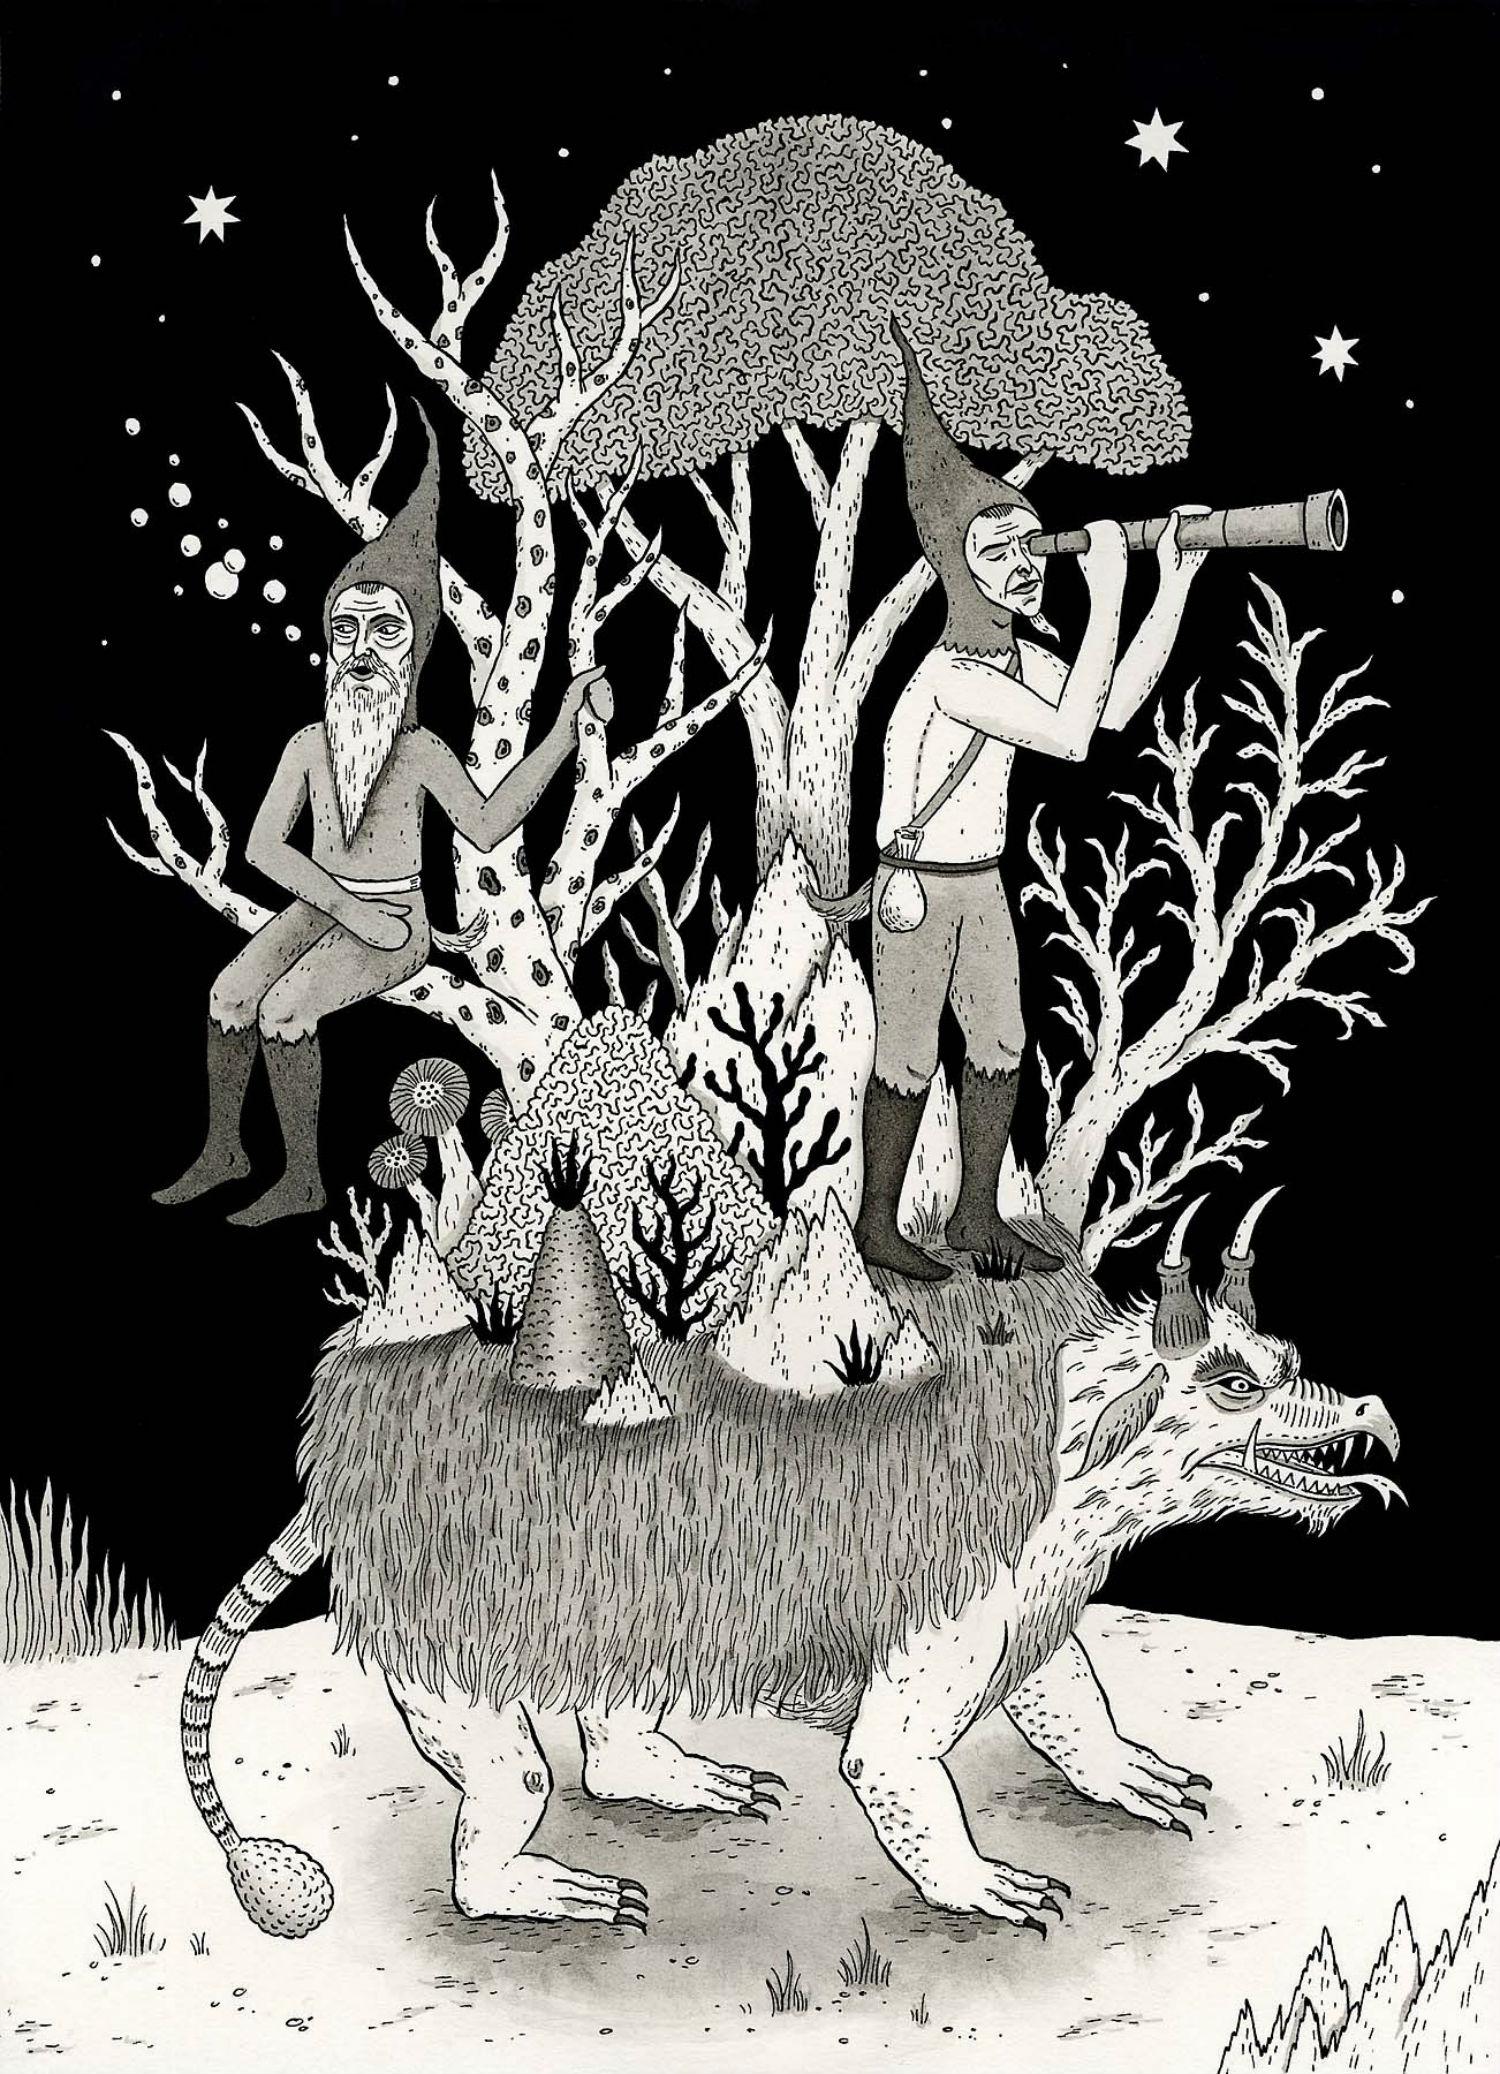 jon mcnair illustration